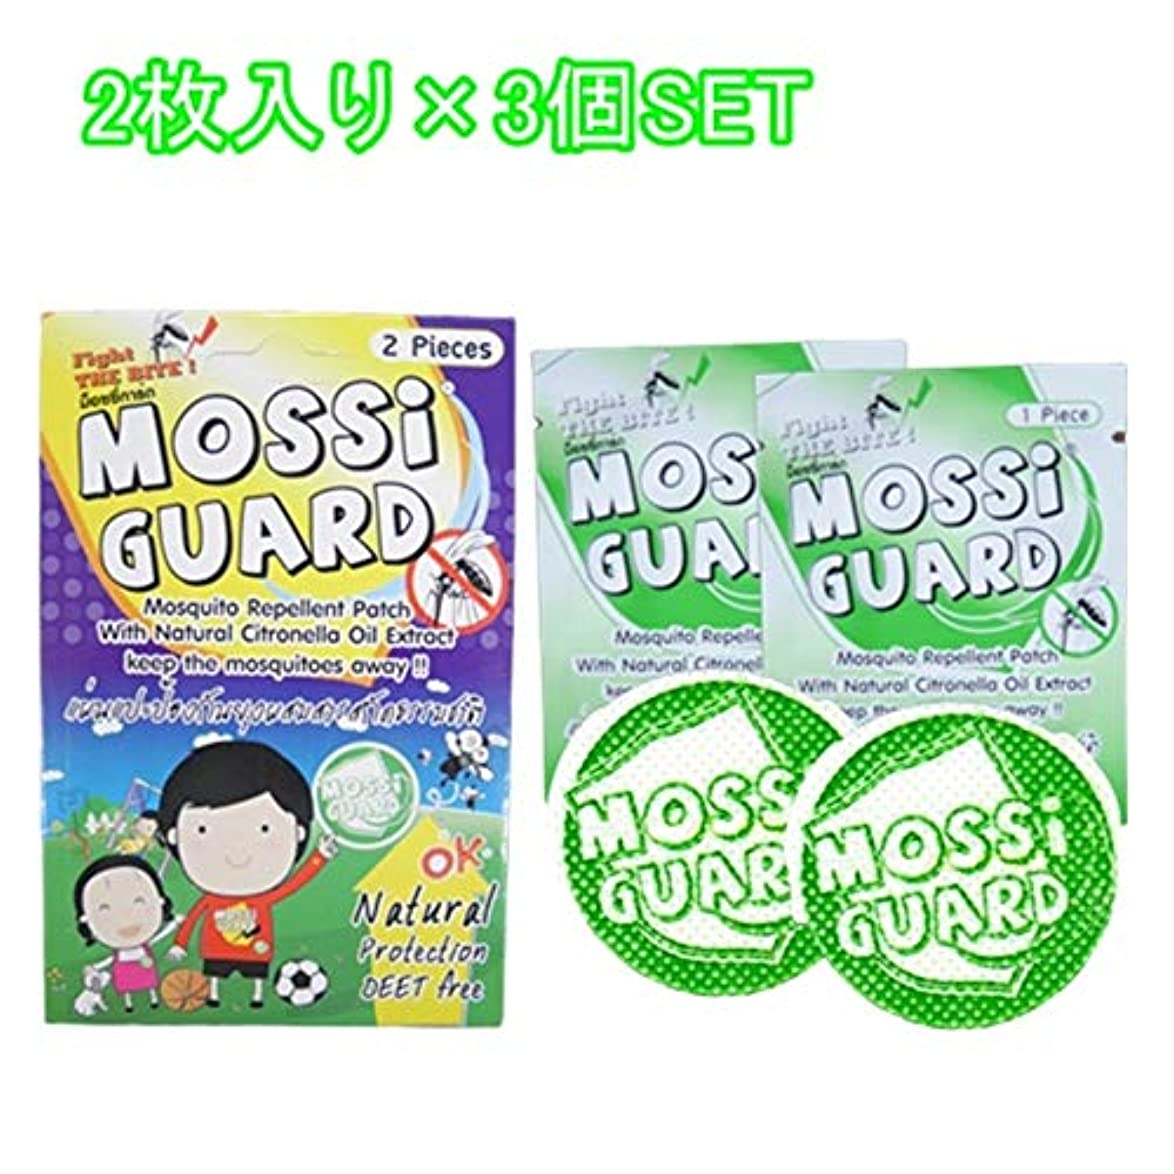 ワークショップメッシュベットMossi GUARD 天然成分 DEET FREE 虫よけシール2枚入り 3袋SET